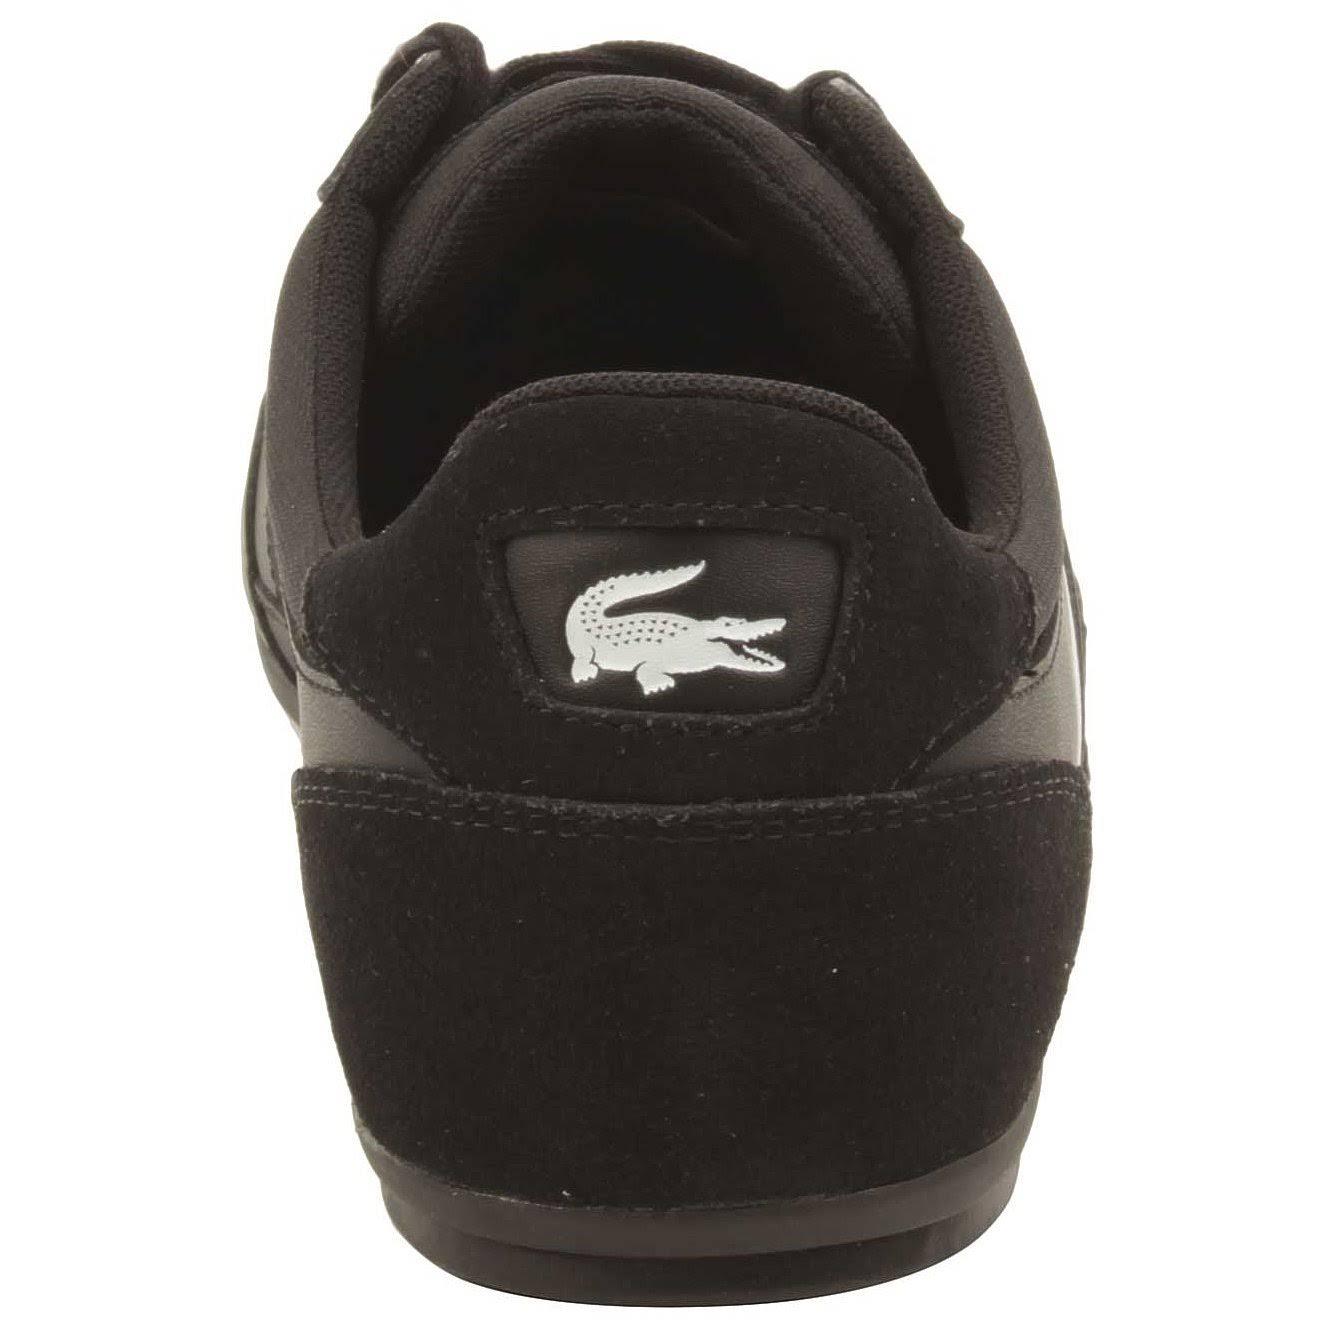 black Chaymon Lacoste 318 Us 736cam0082 Sneaker 5 Wht OZq4wdqY